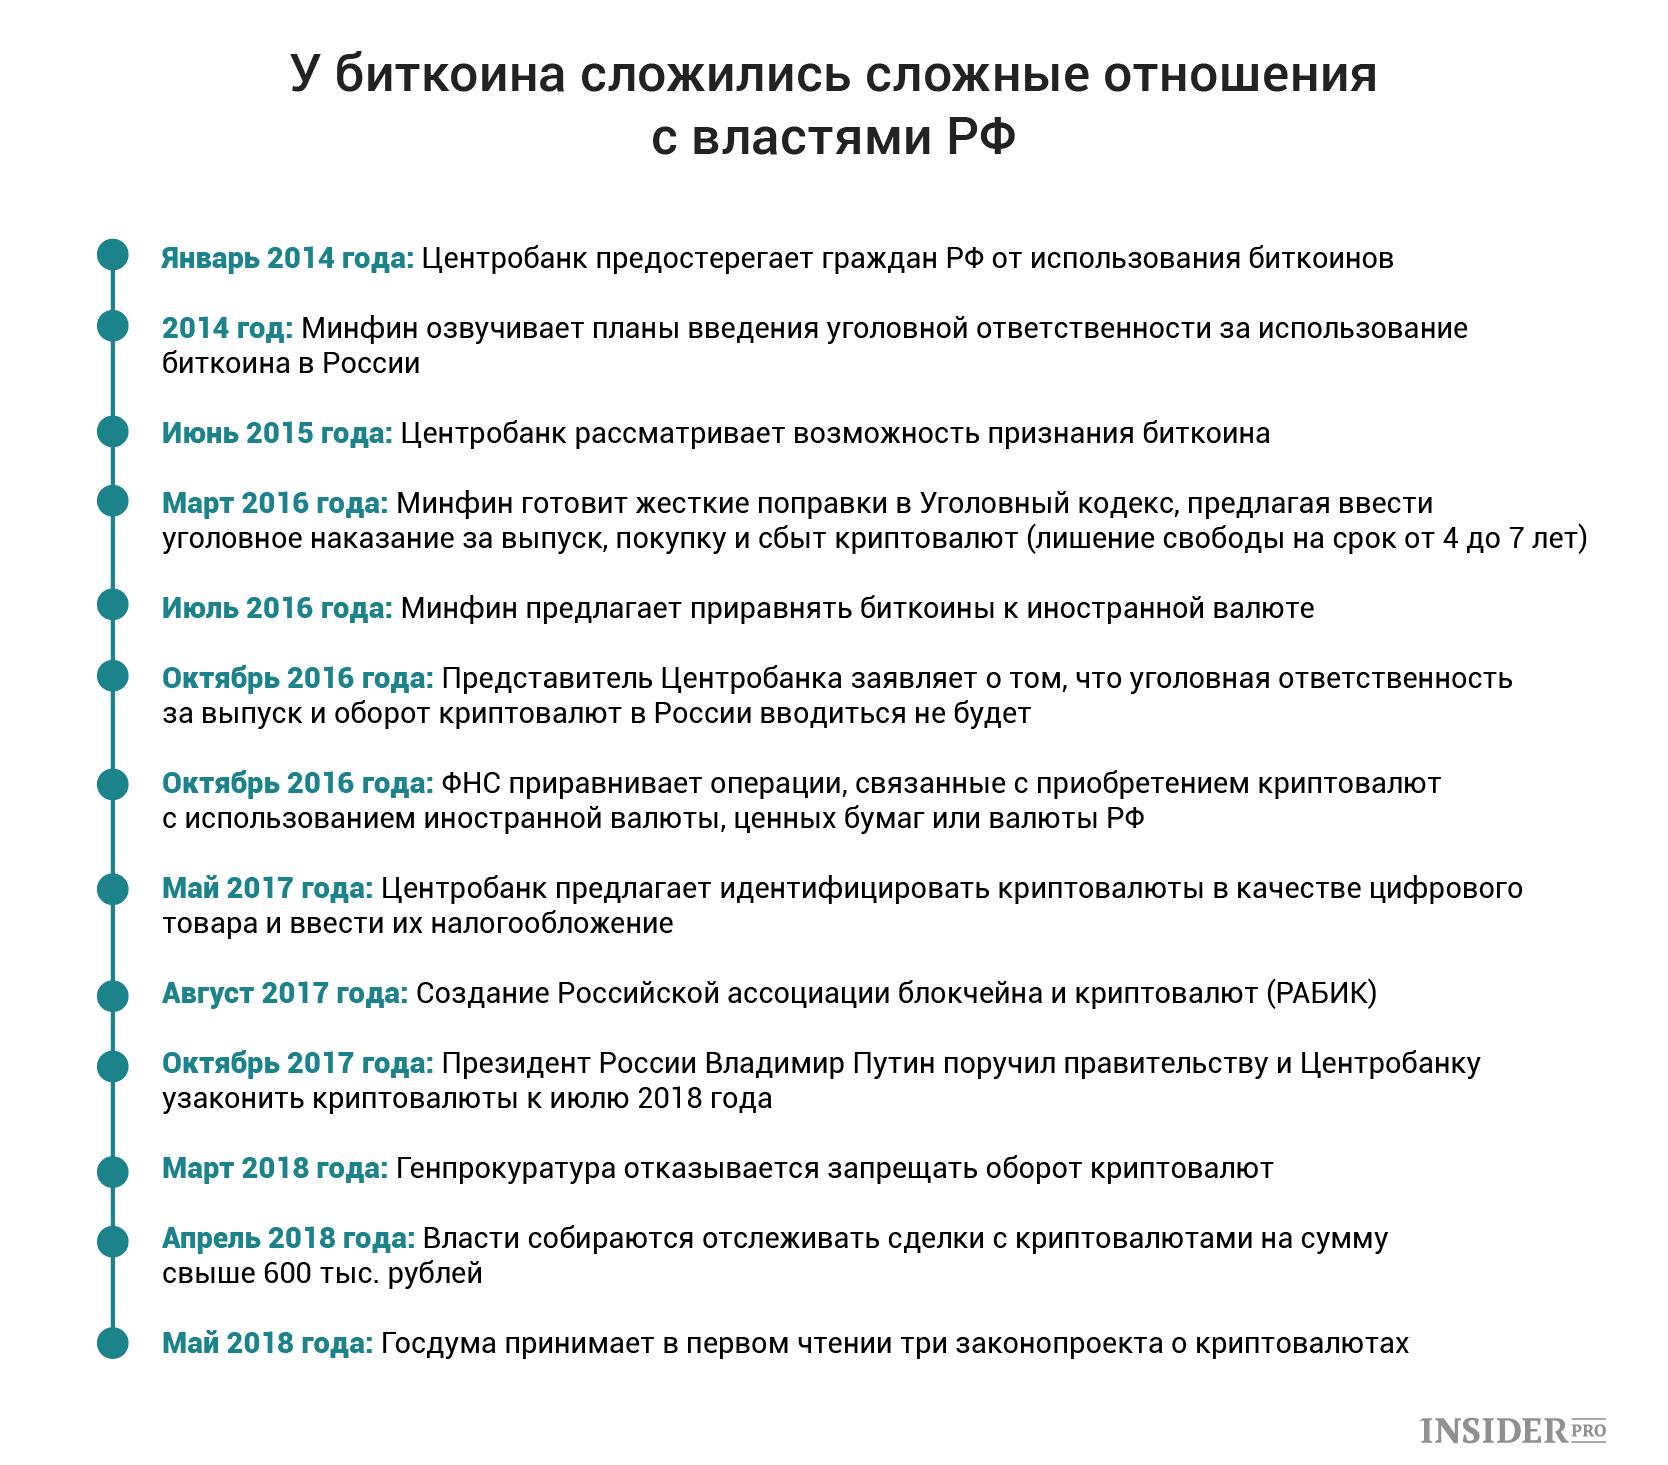 Биткоин правовой статус в россии как играть форекс клуб